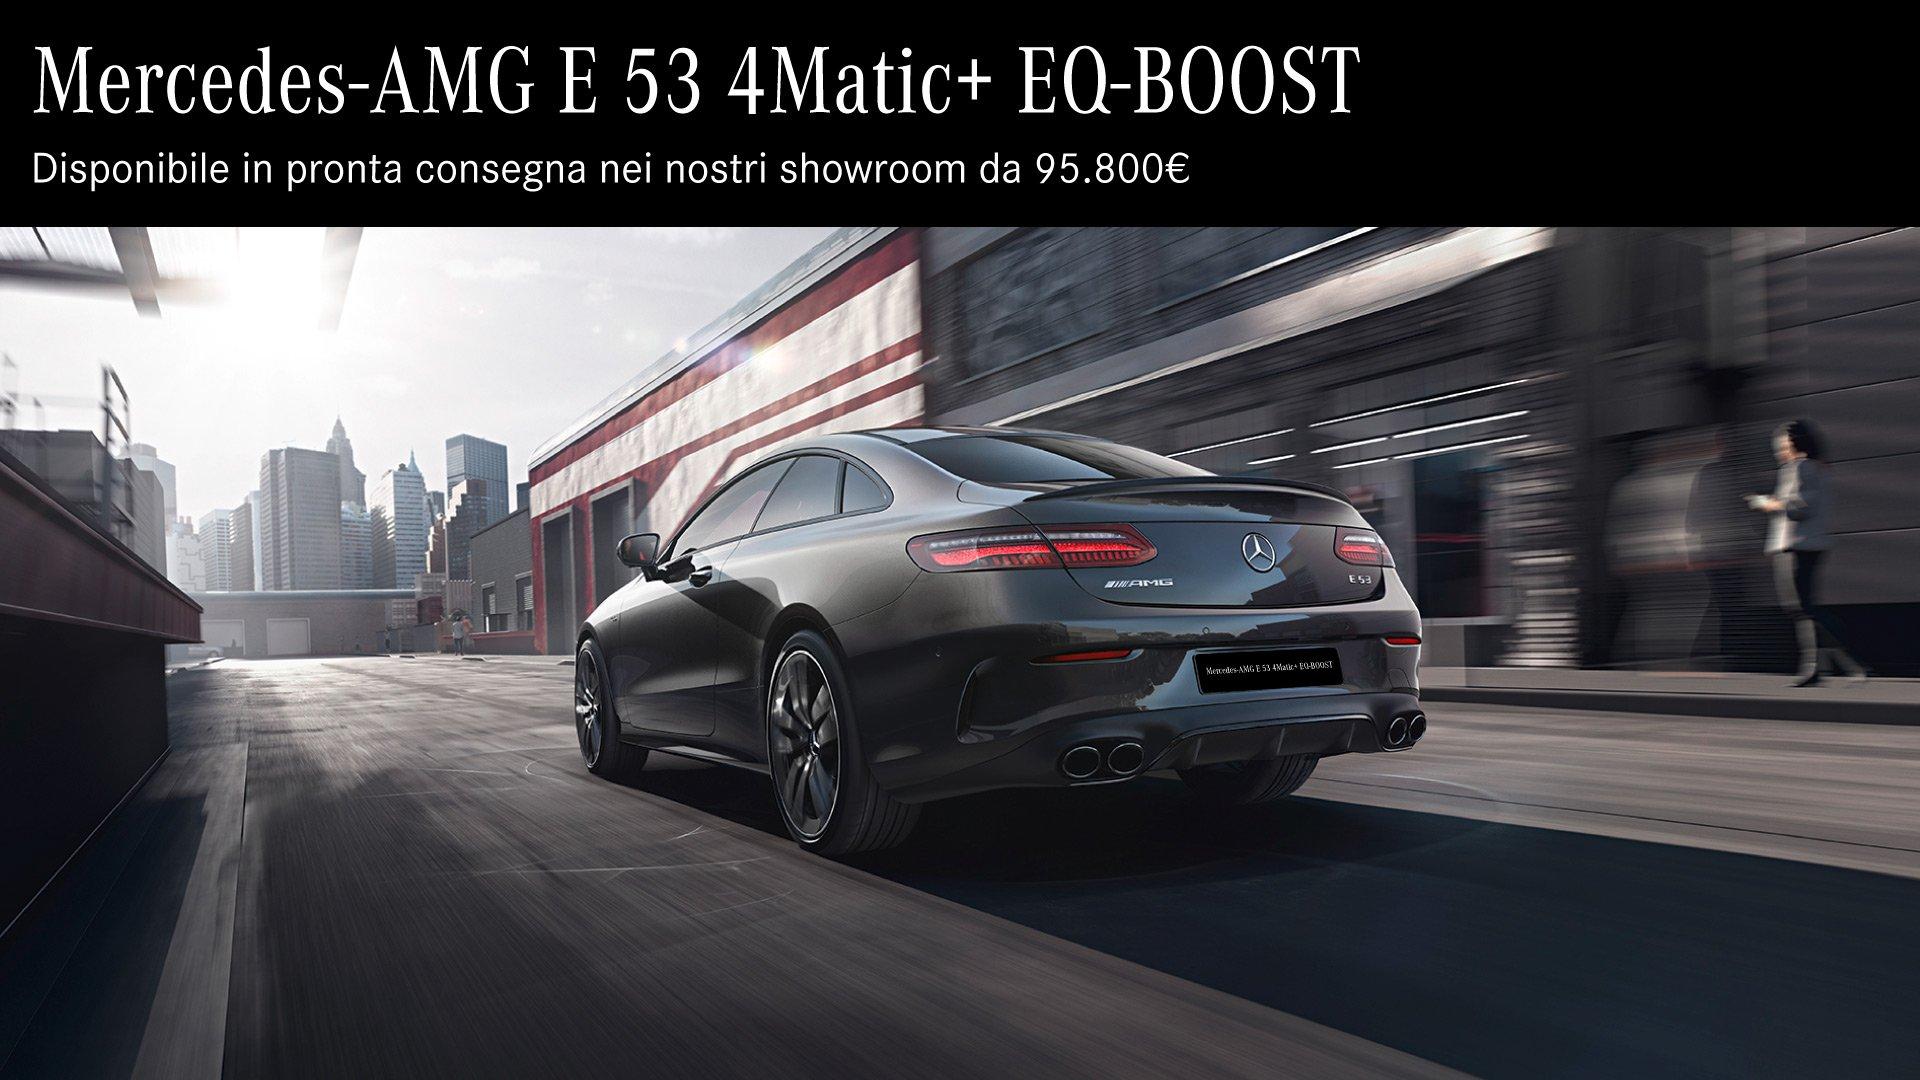 AMG E 53